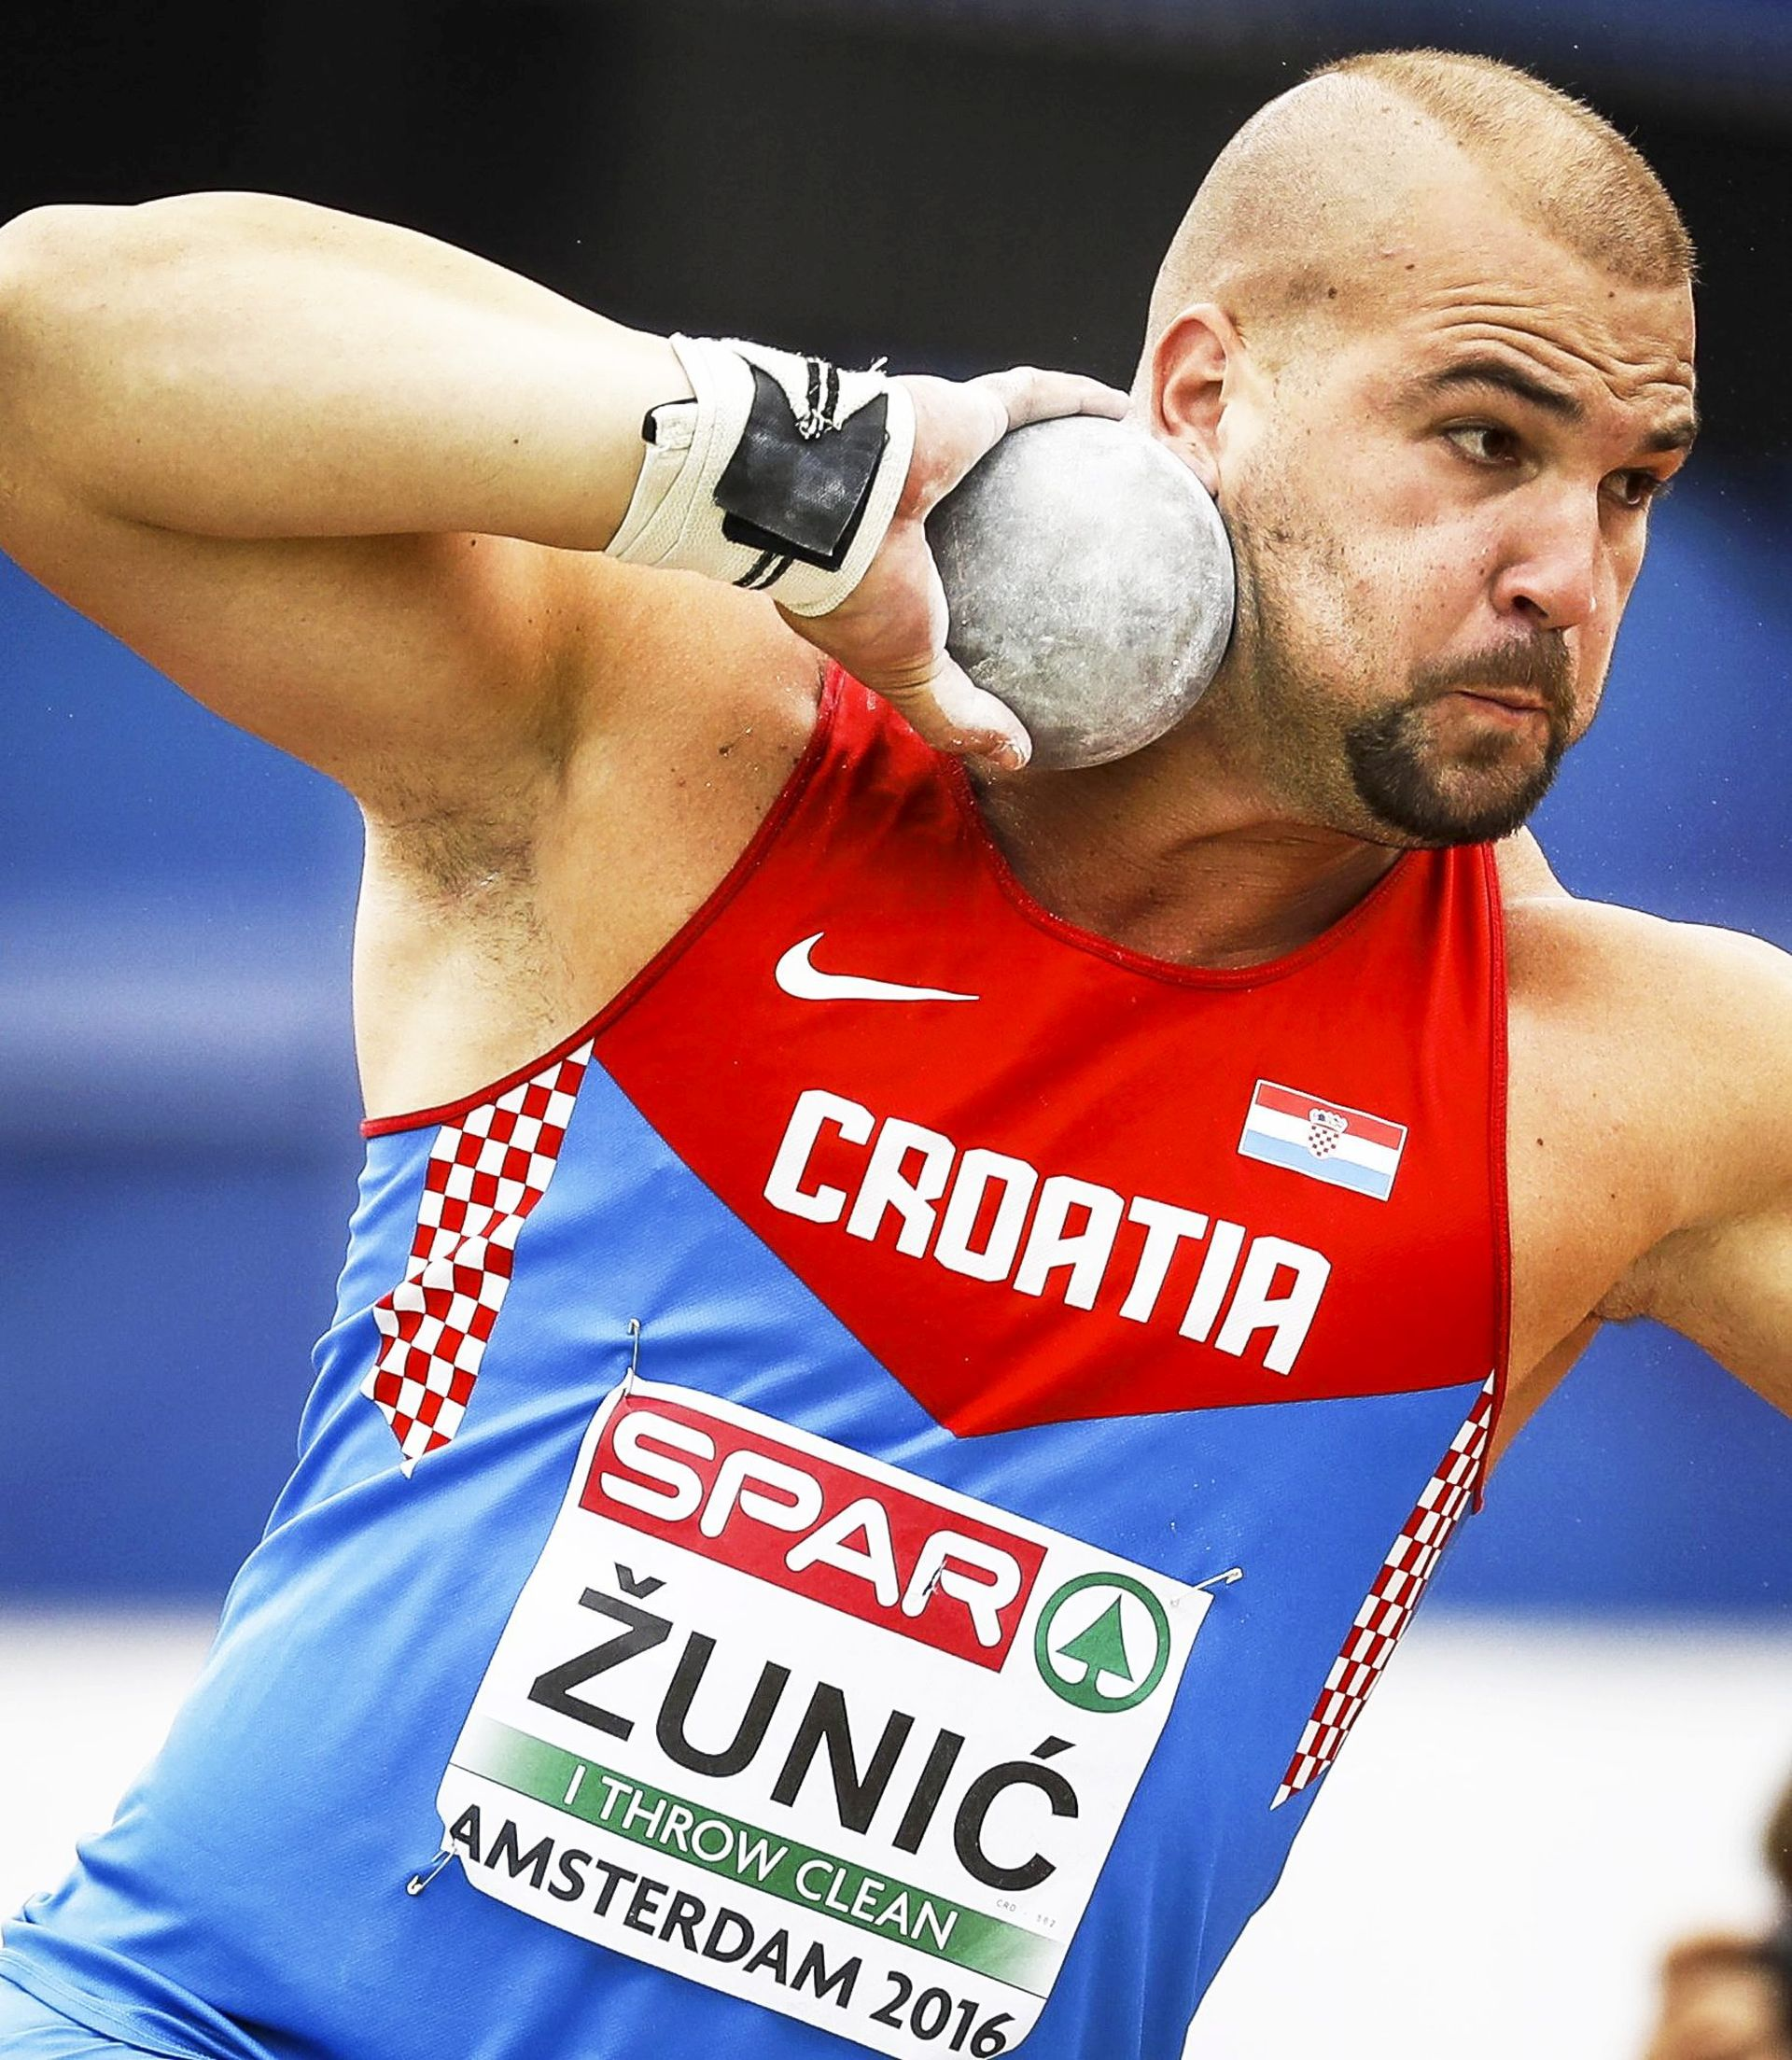 EP atletika: Stipe Žunić u finalu, Filip Mihaljević podbacio